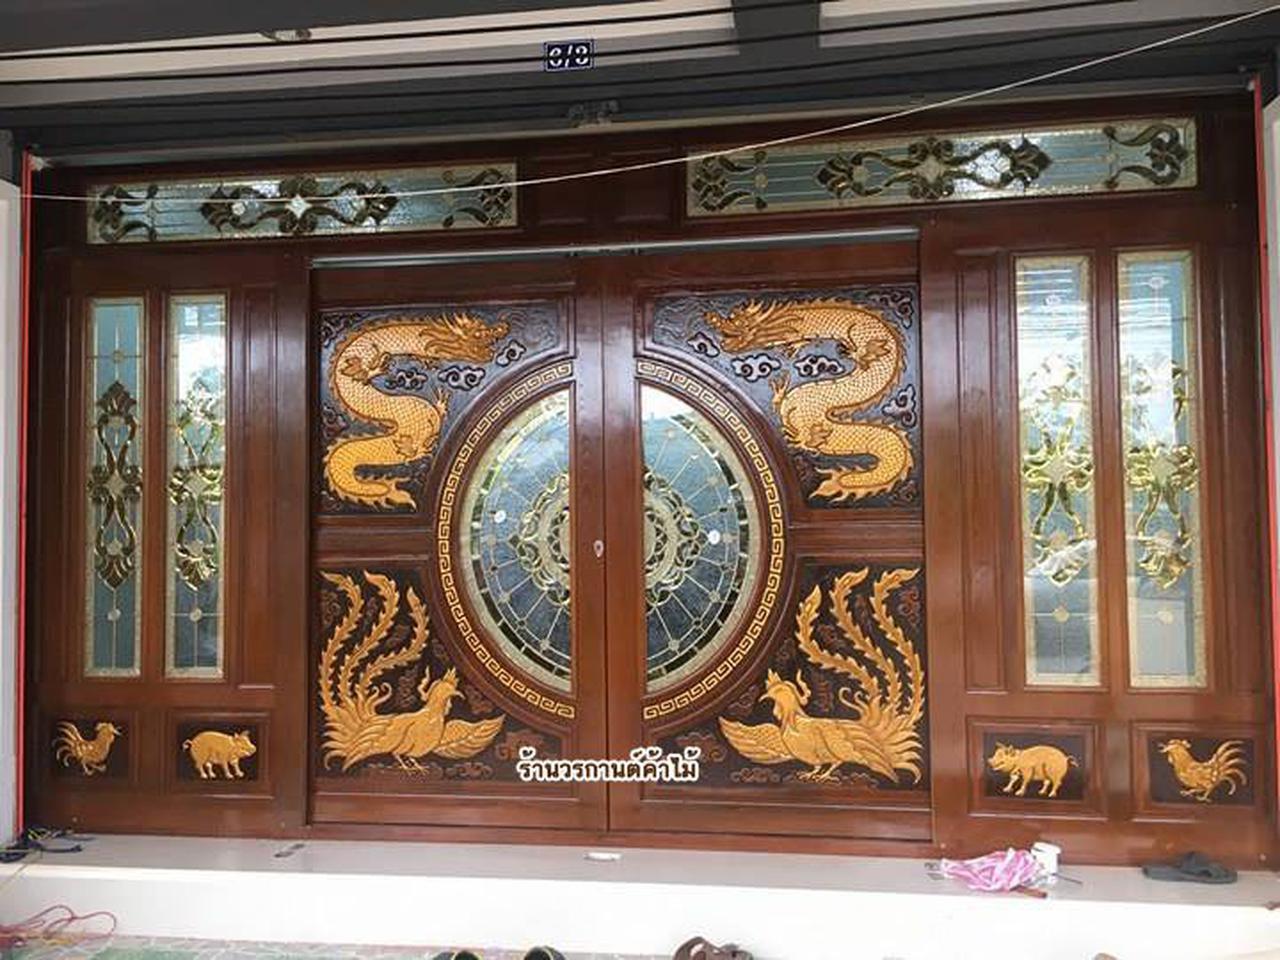 door-woodhome.comร้านวรกานต์ค้าไม้ จำหน่าย ประตูไม้สัก,ประตูไม้สักกระจกนิรภัย, หน้าต่างไม้สัก วงกบ ประตูไม้สักแพร่ รูปที่ 6